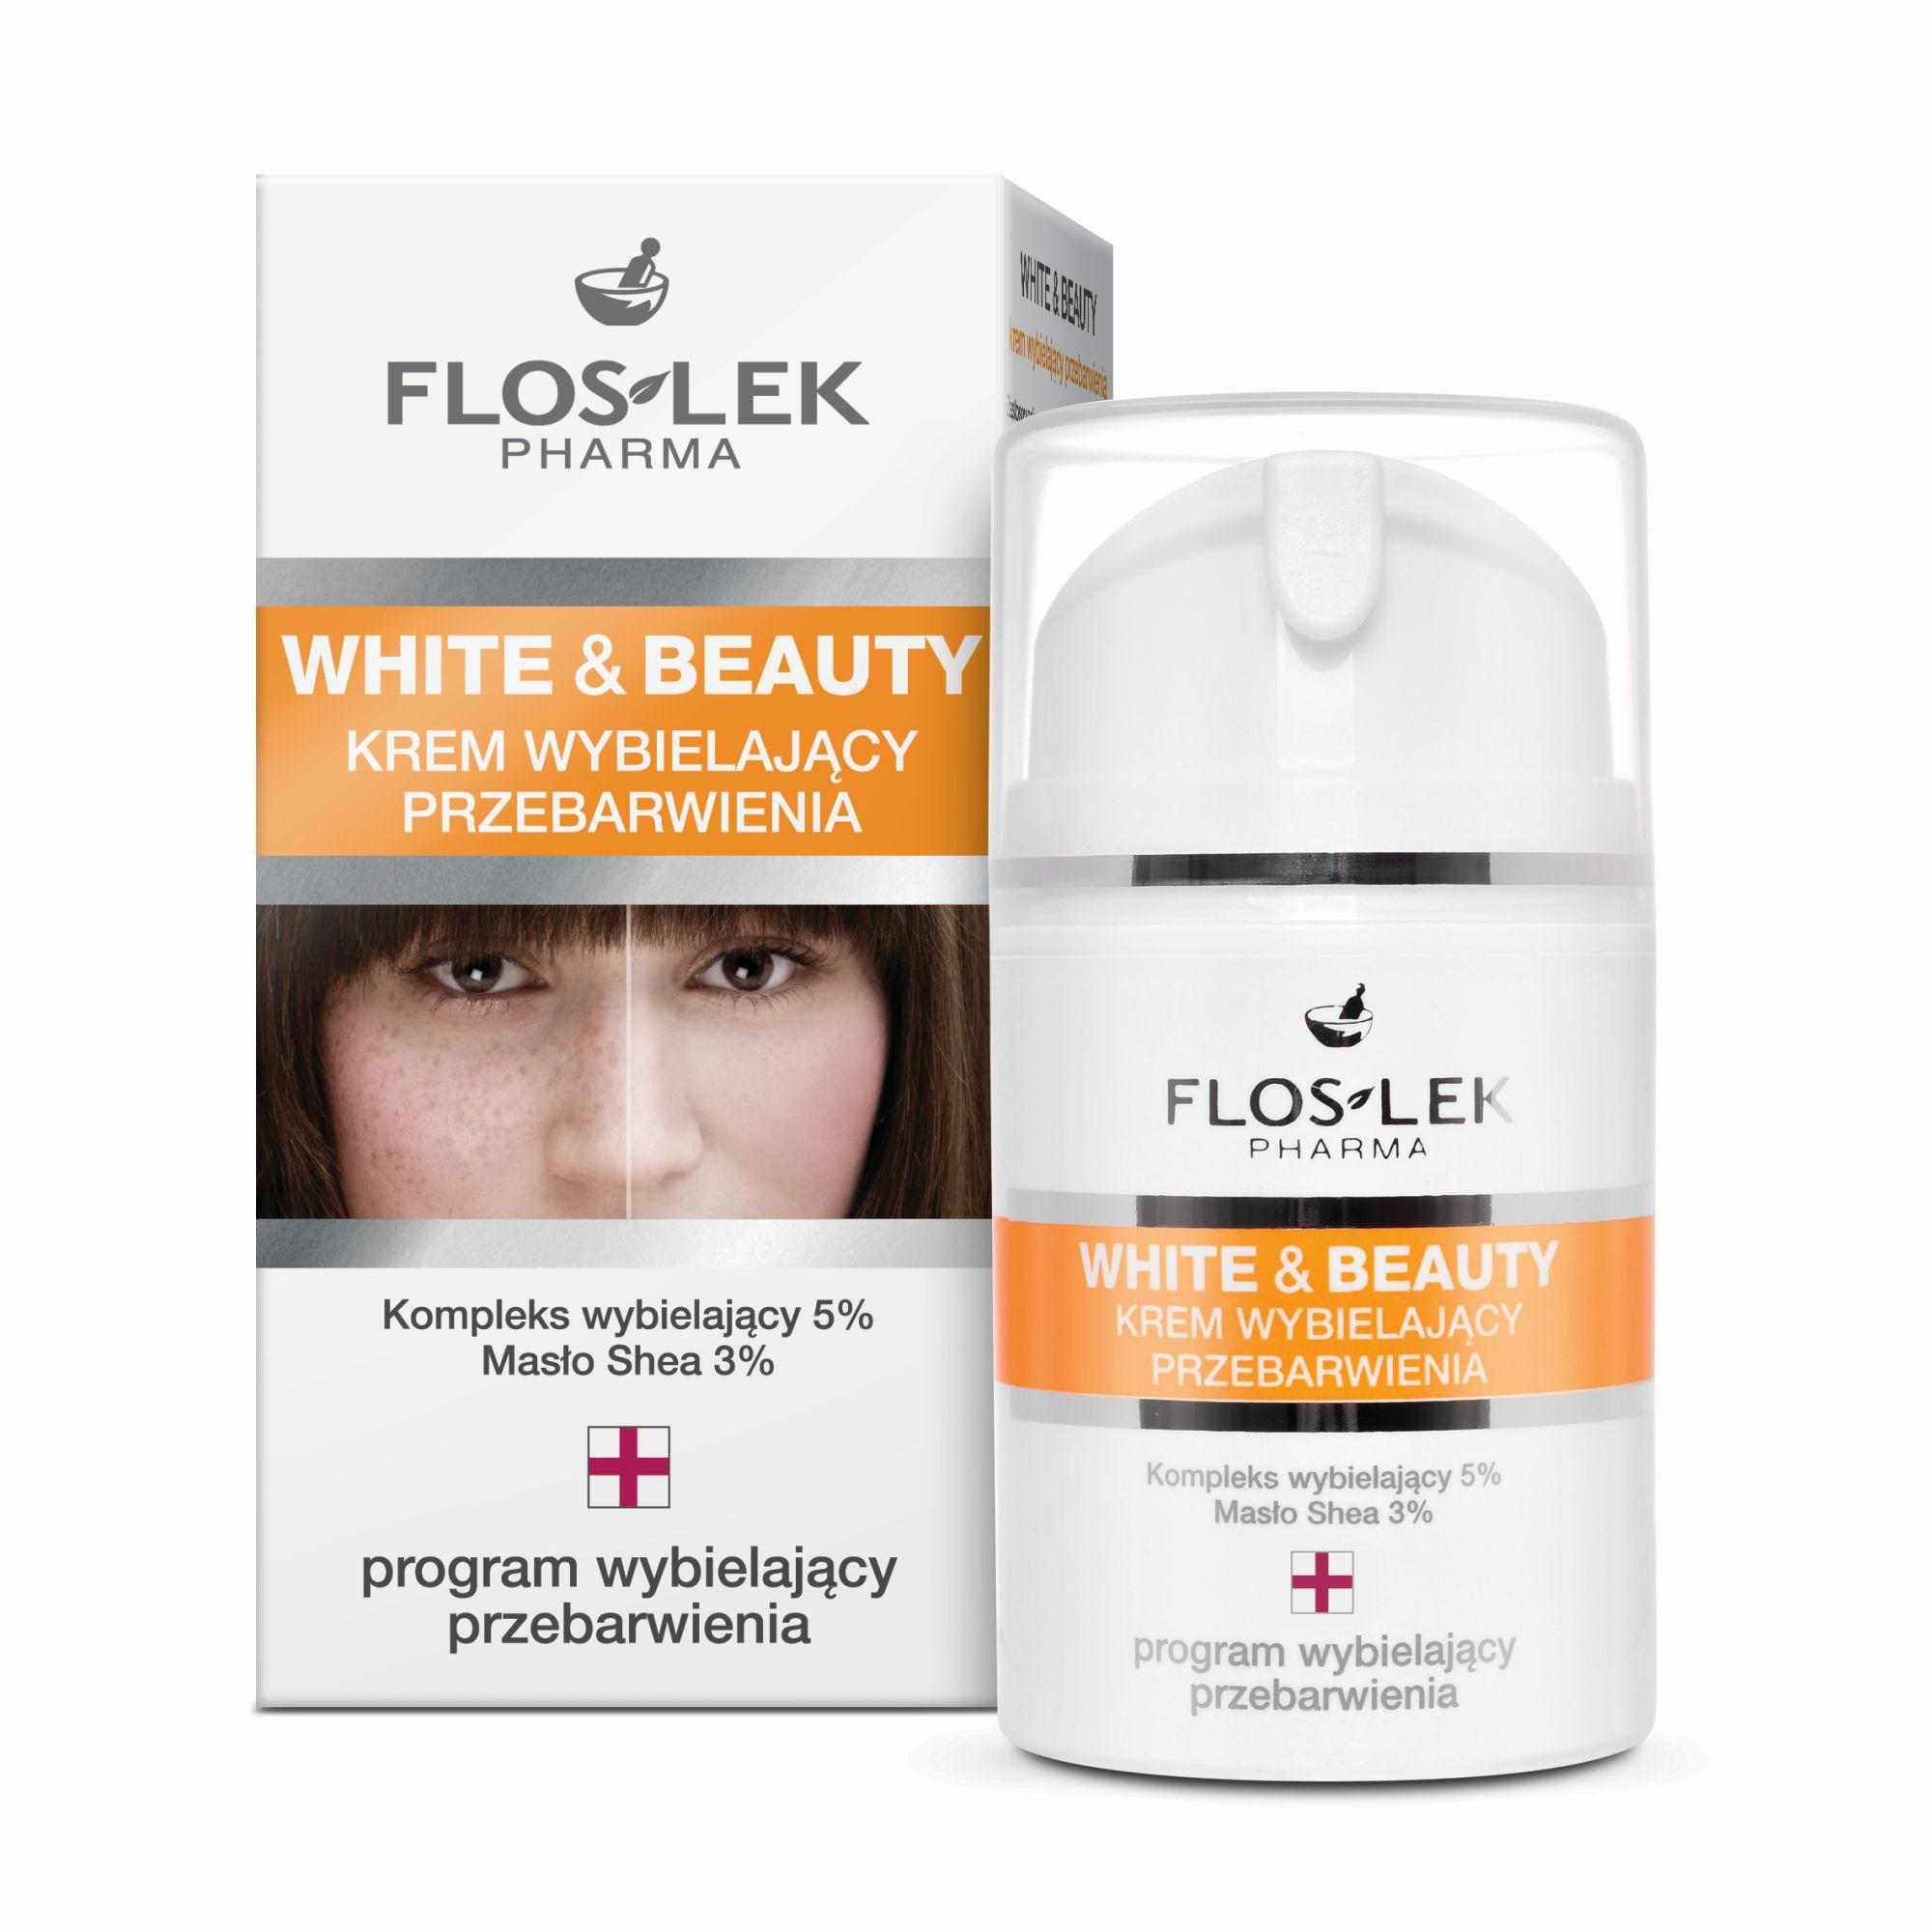 White&Beauty krem wybielający przebarwienia